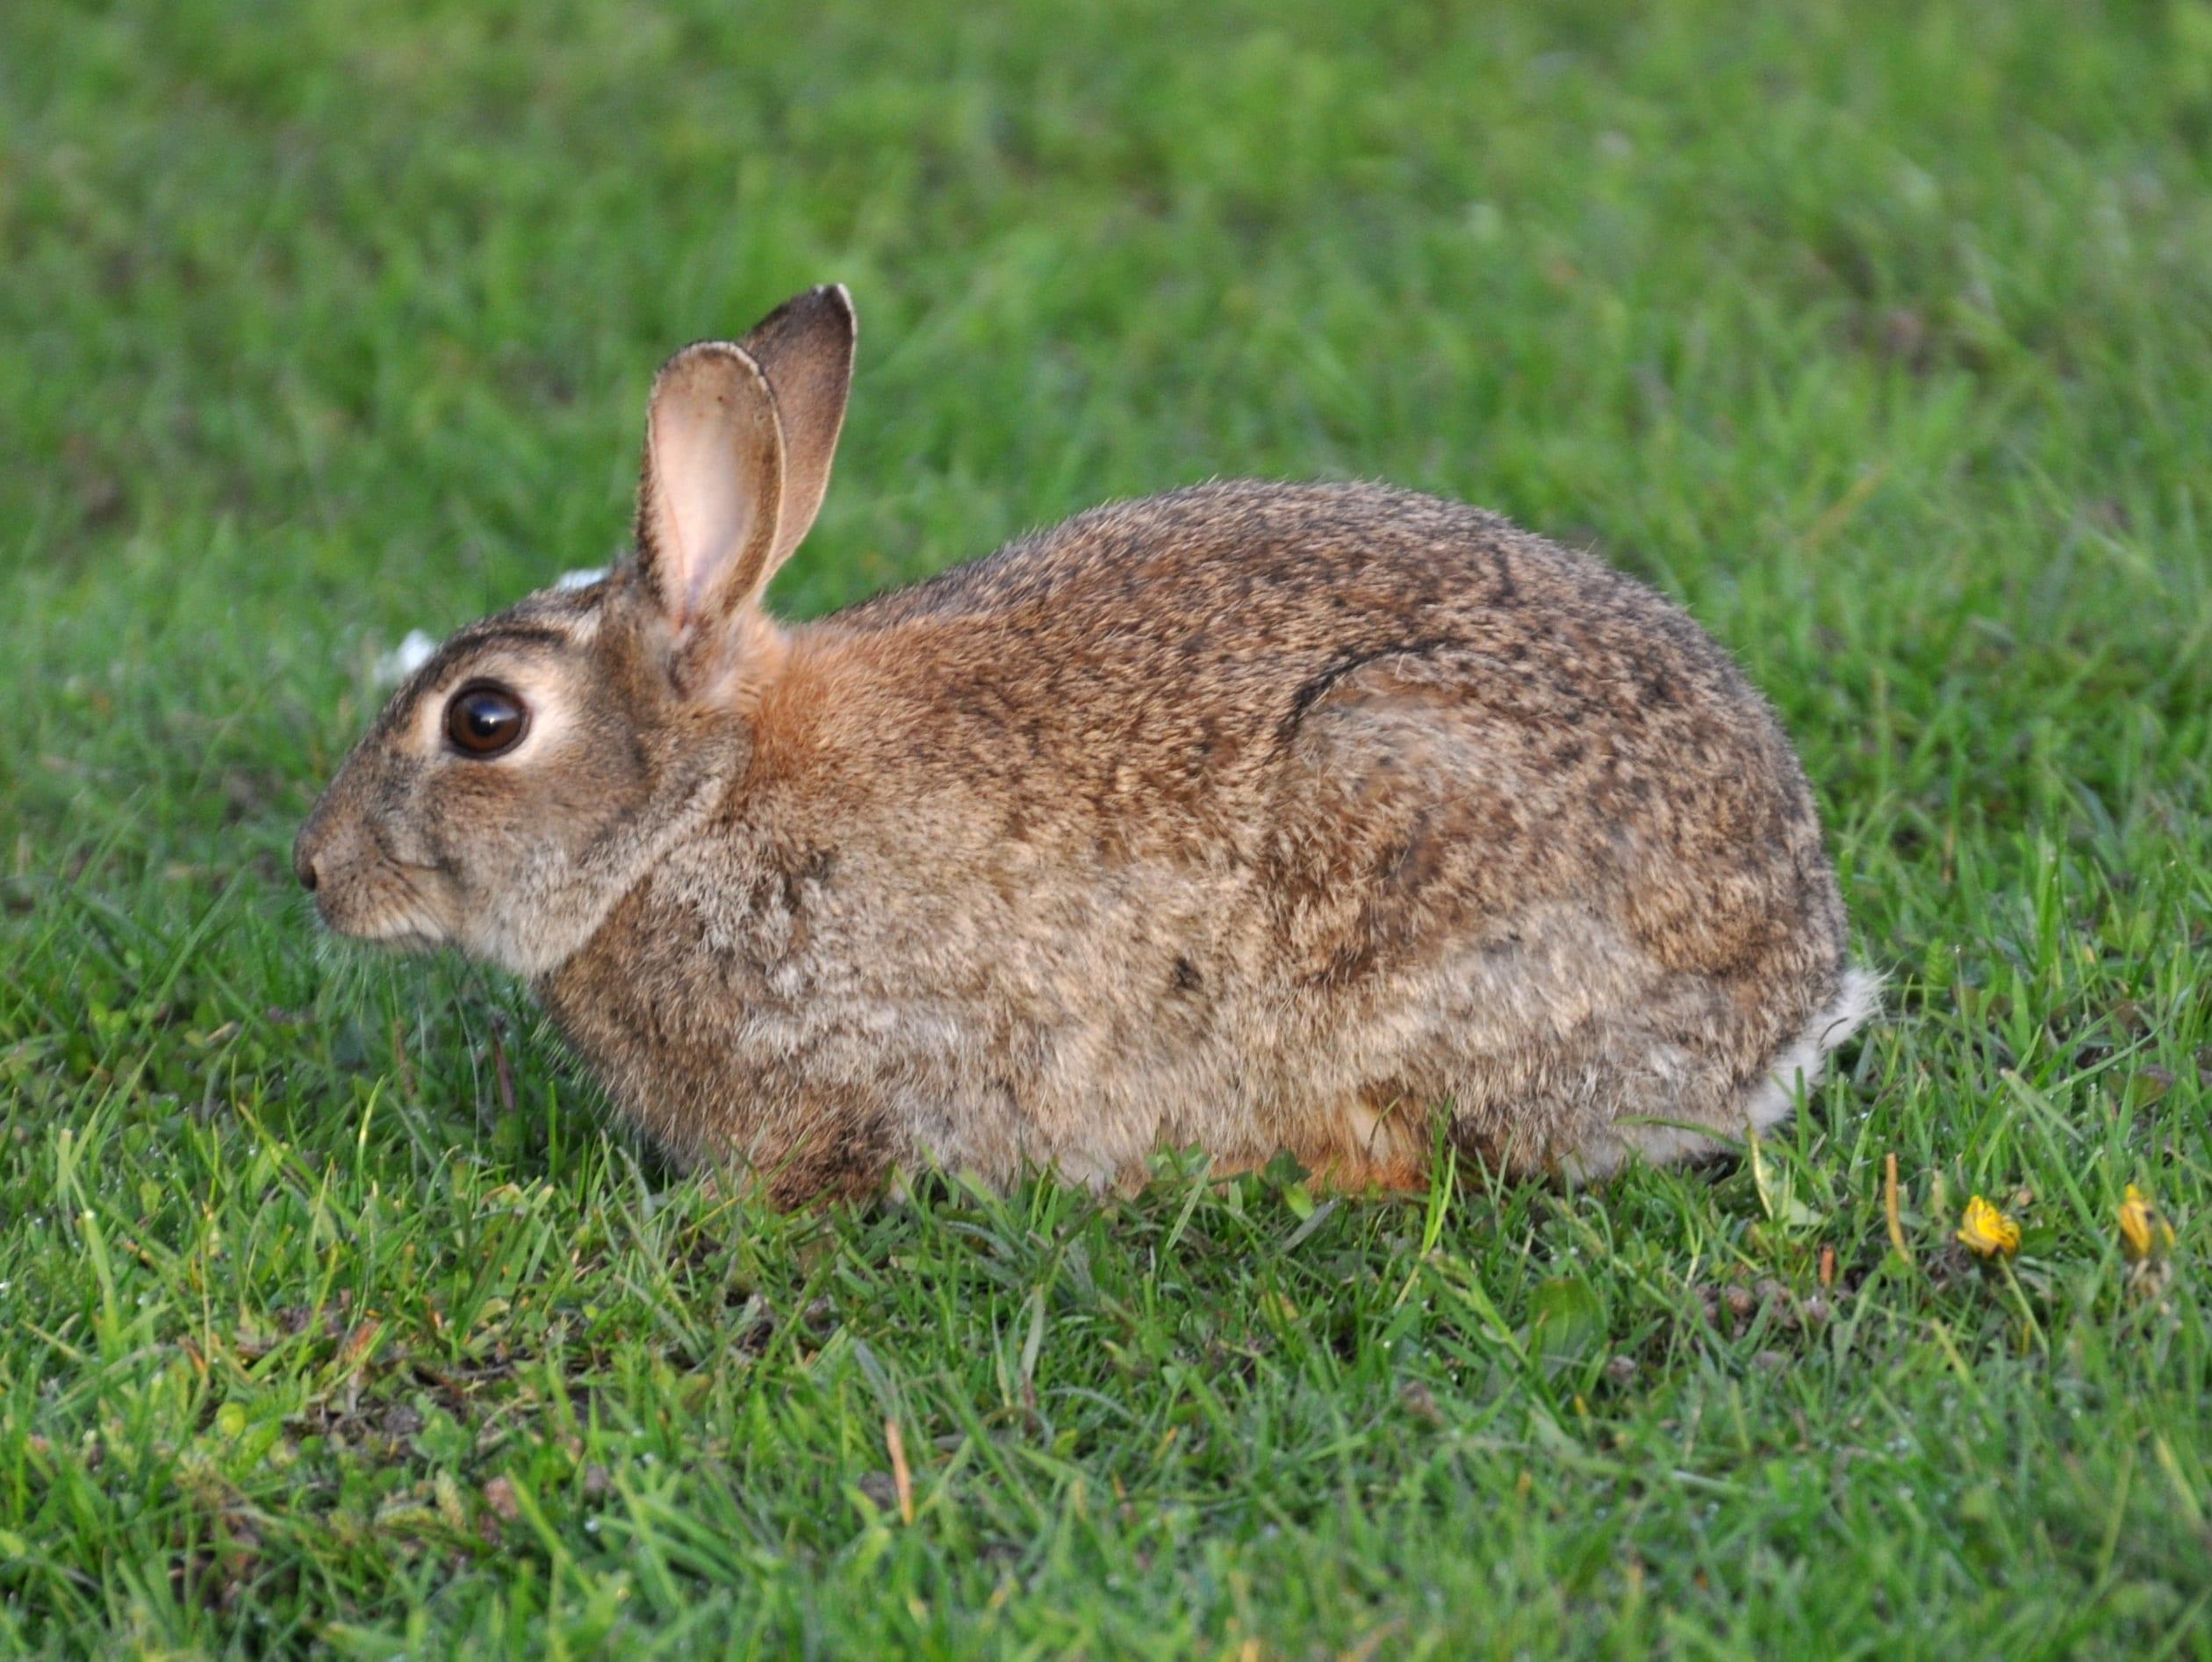 El nombre científico del conejo común es Oryctolagus cuniculus